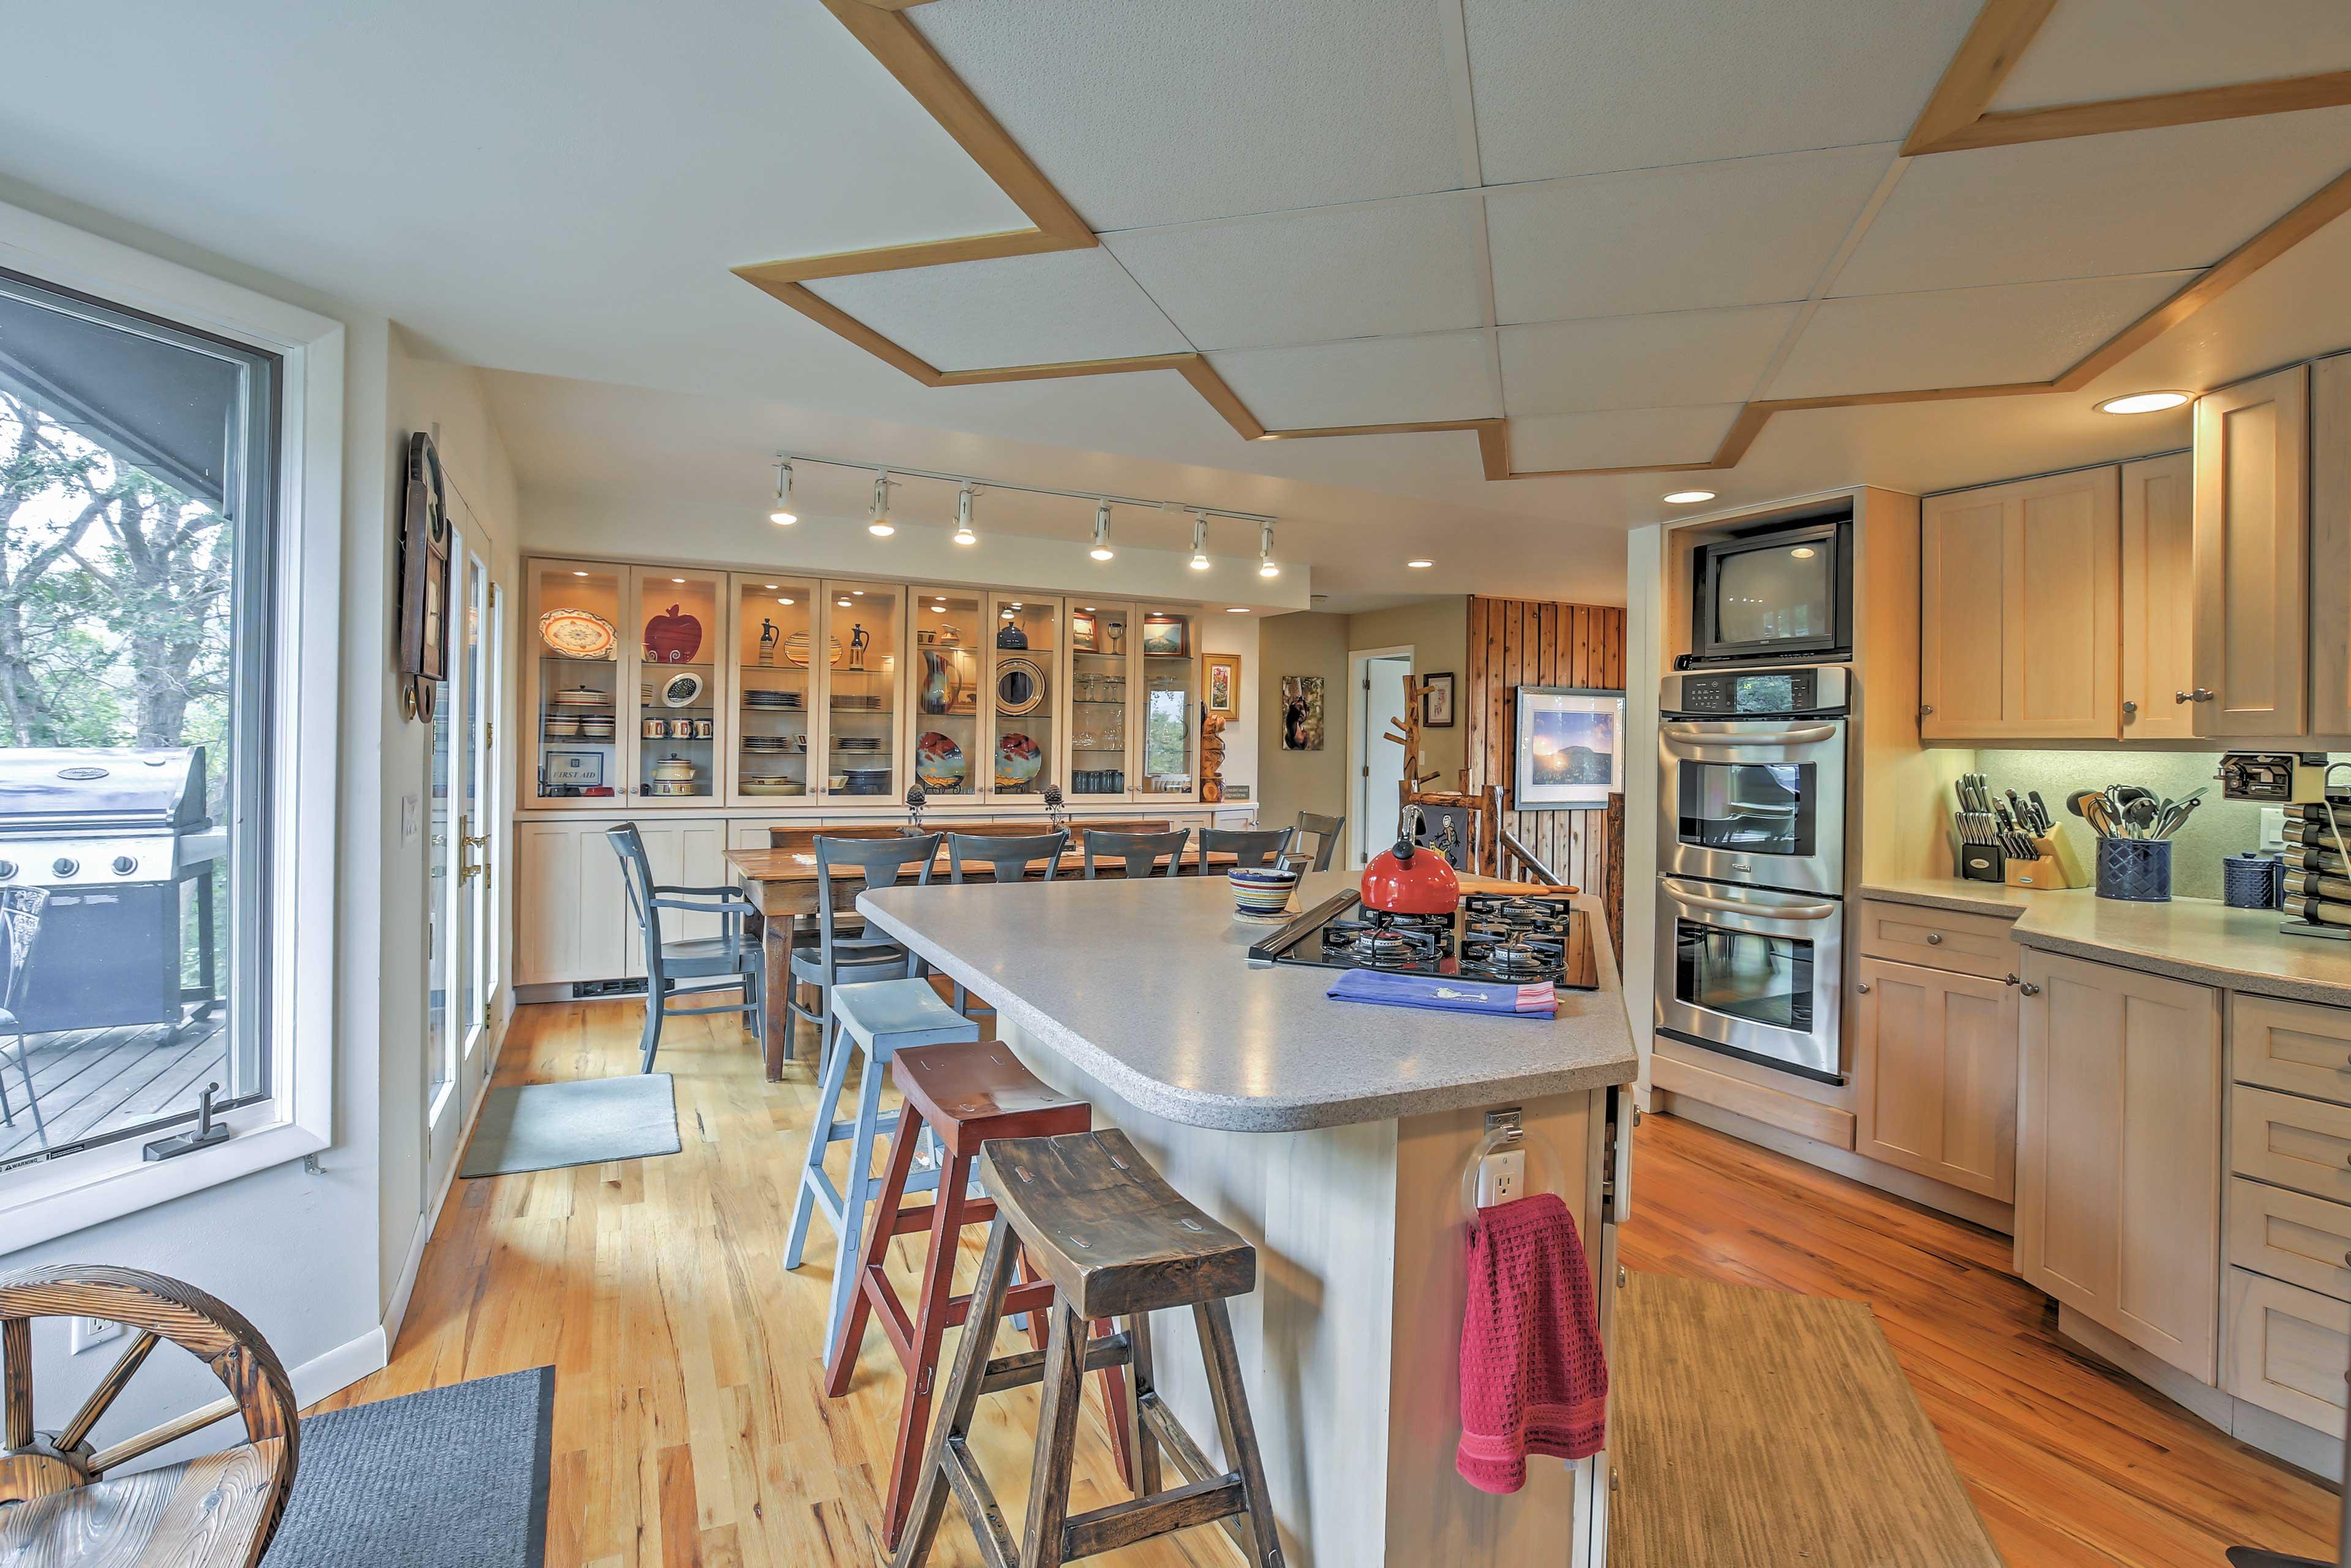 Prepare delicious recipes in the full kitchen.